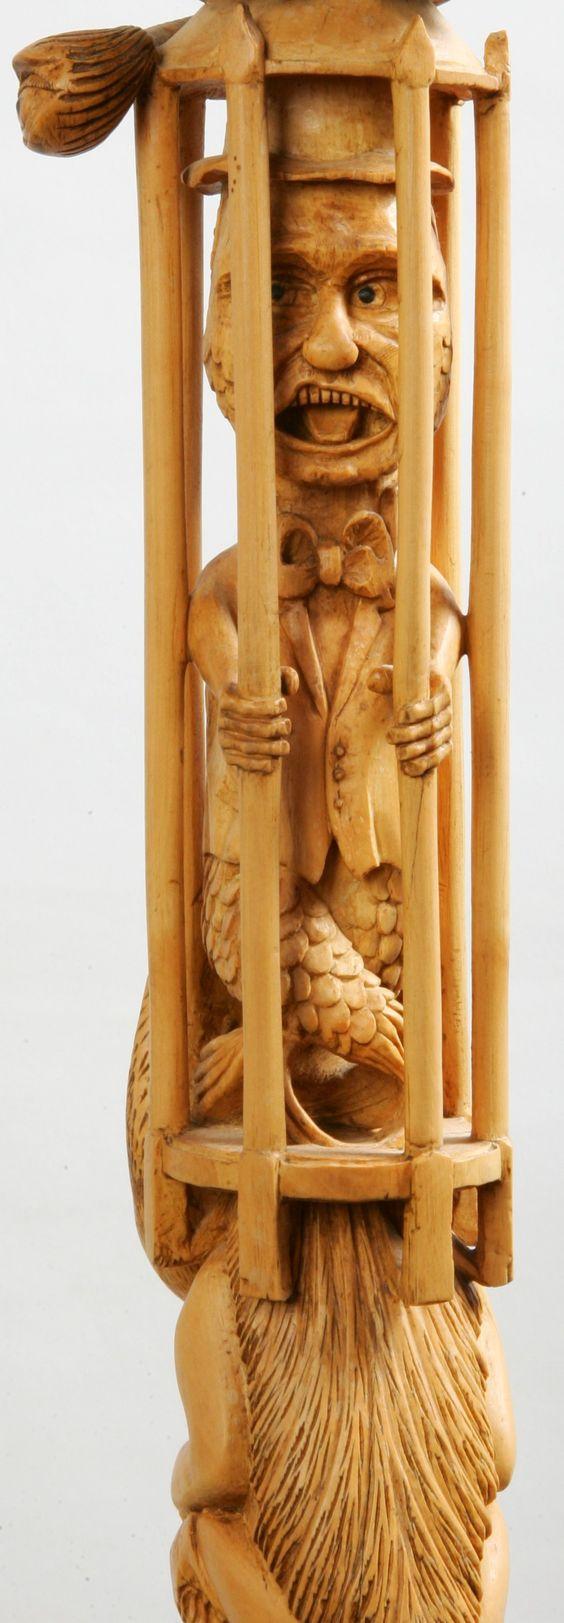 sculptures bois sculpture en buis partie d 39 un b ton r alis e en taille directe gouges. Black Bedroom Furniture Sets. Home Design Ideas